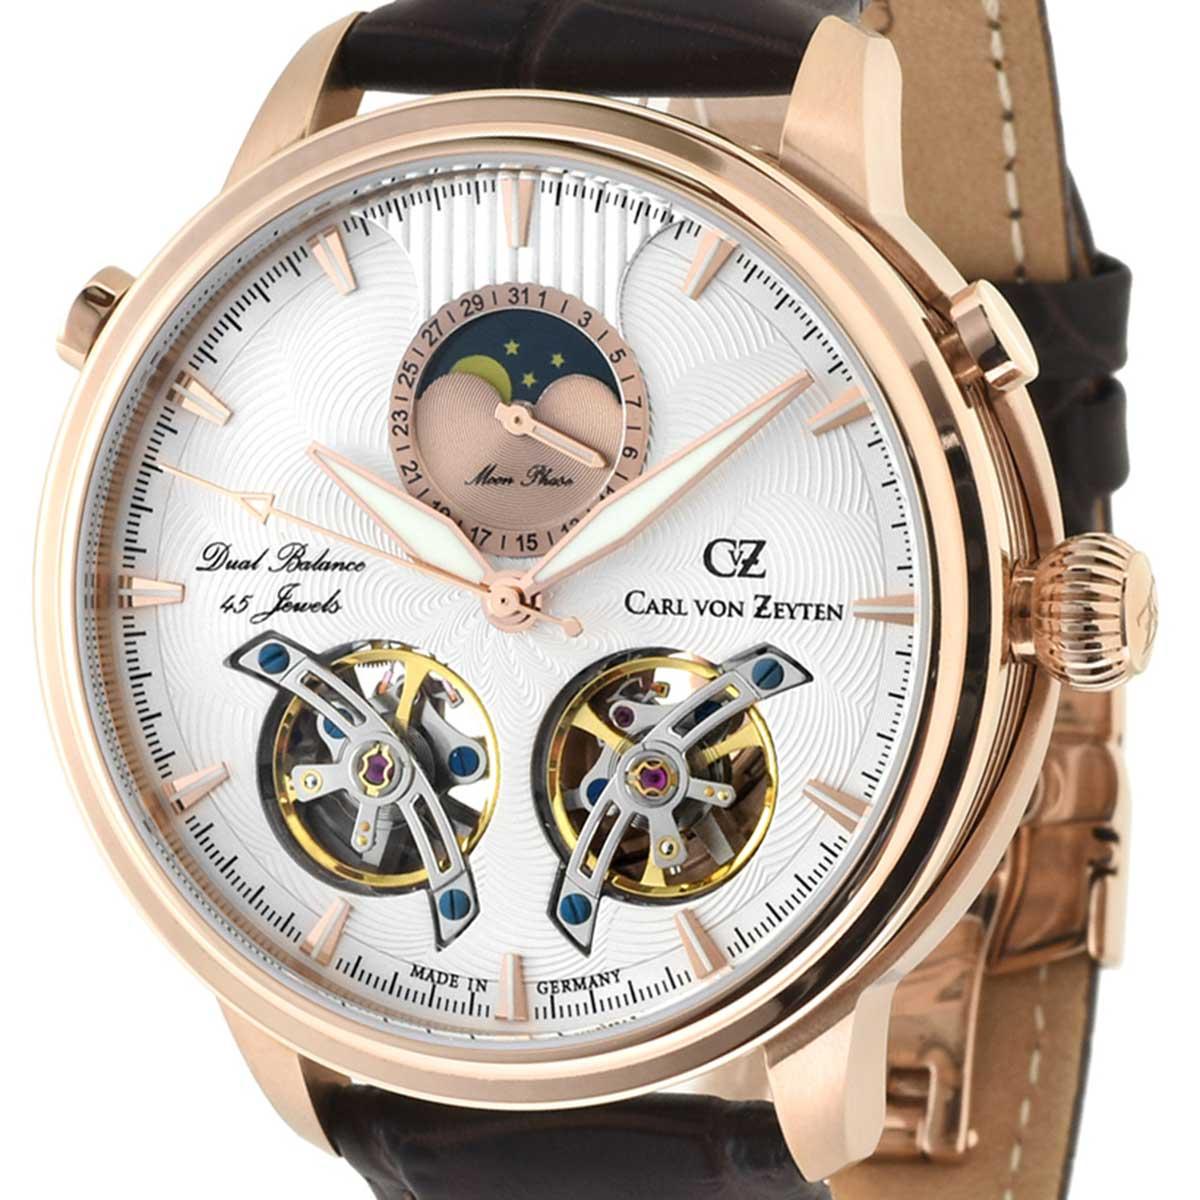 Carl von Zeyten カール・フォン・ツォイテン 自動巻き(手巻き機能あり) 腕時計 [CvZ0060RWH] 正規代理店品  ムーンフェイズ